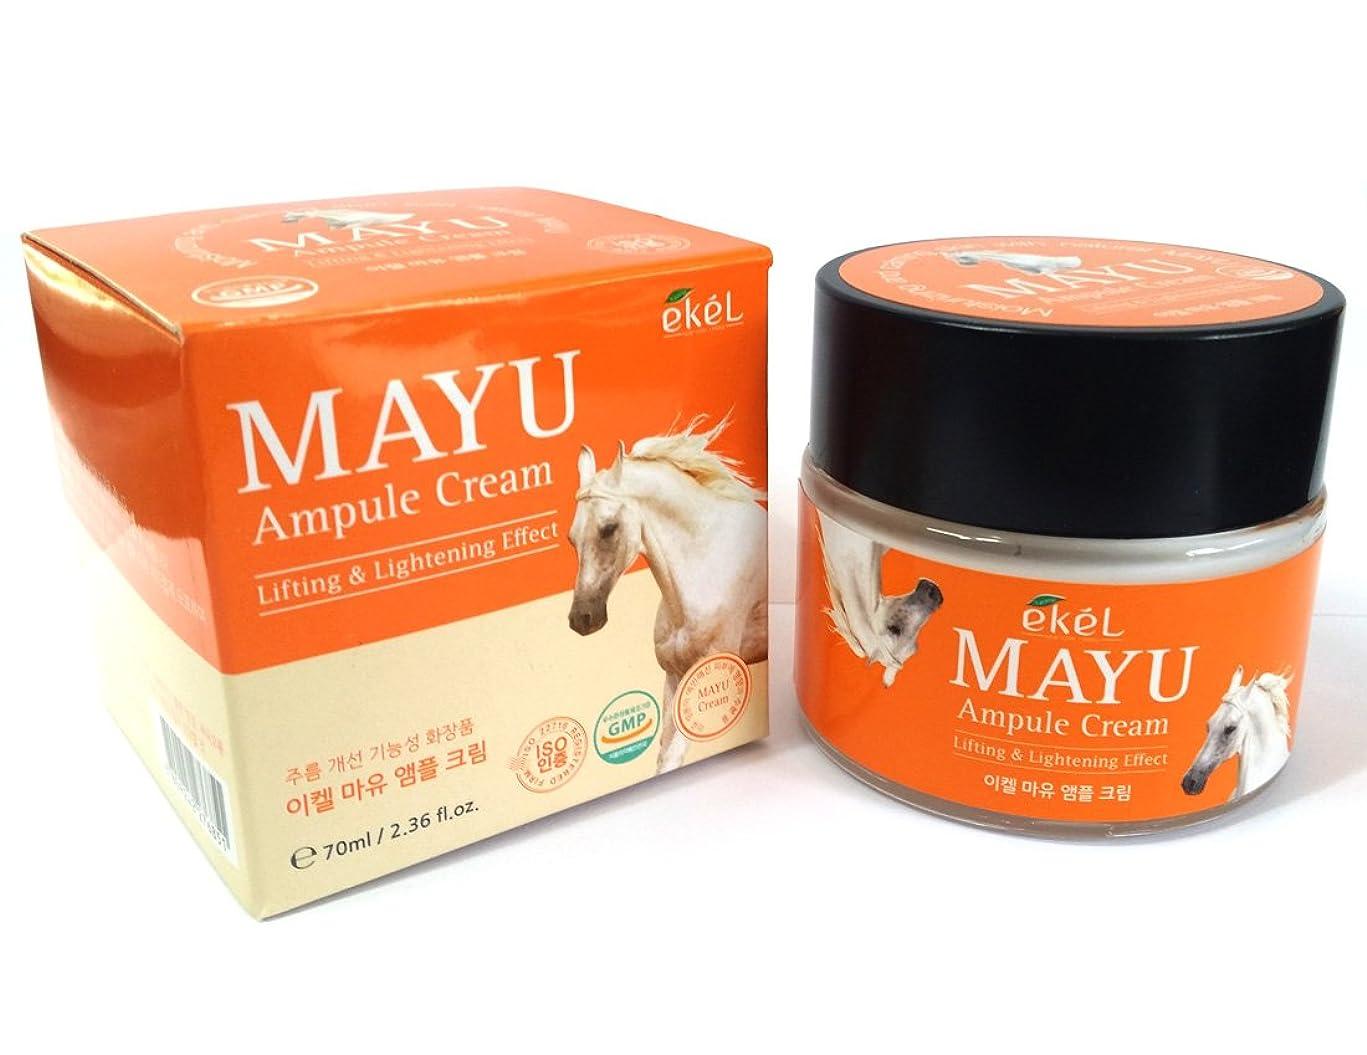 調停者メーター妊娠した[EKEL] ホースオイルMAYUアンプルクリーム70ml / Horse Oil MAYU Ampule Cream 70ml / リフティング&ライトニングエフェクト / しわ防止 / Lifting & Lightening Effect / Anti-wrinkle / 韓国化粧品 / Korean Cosmetics [並行輸入品]